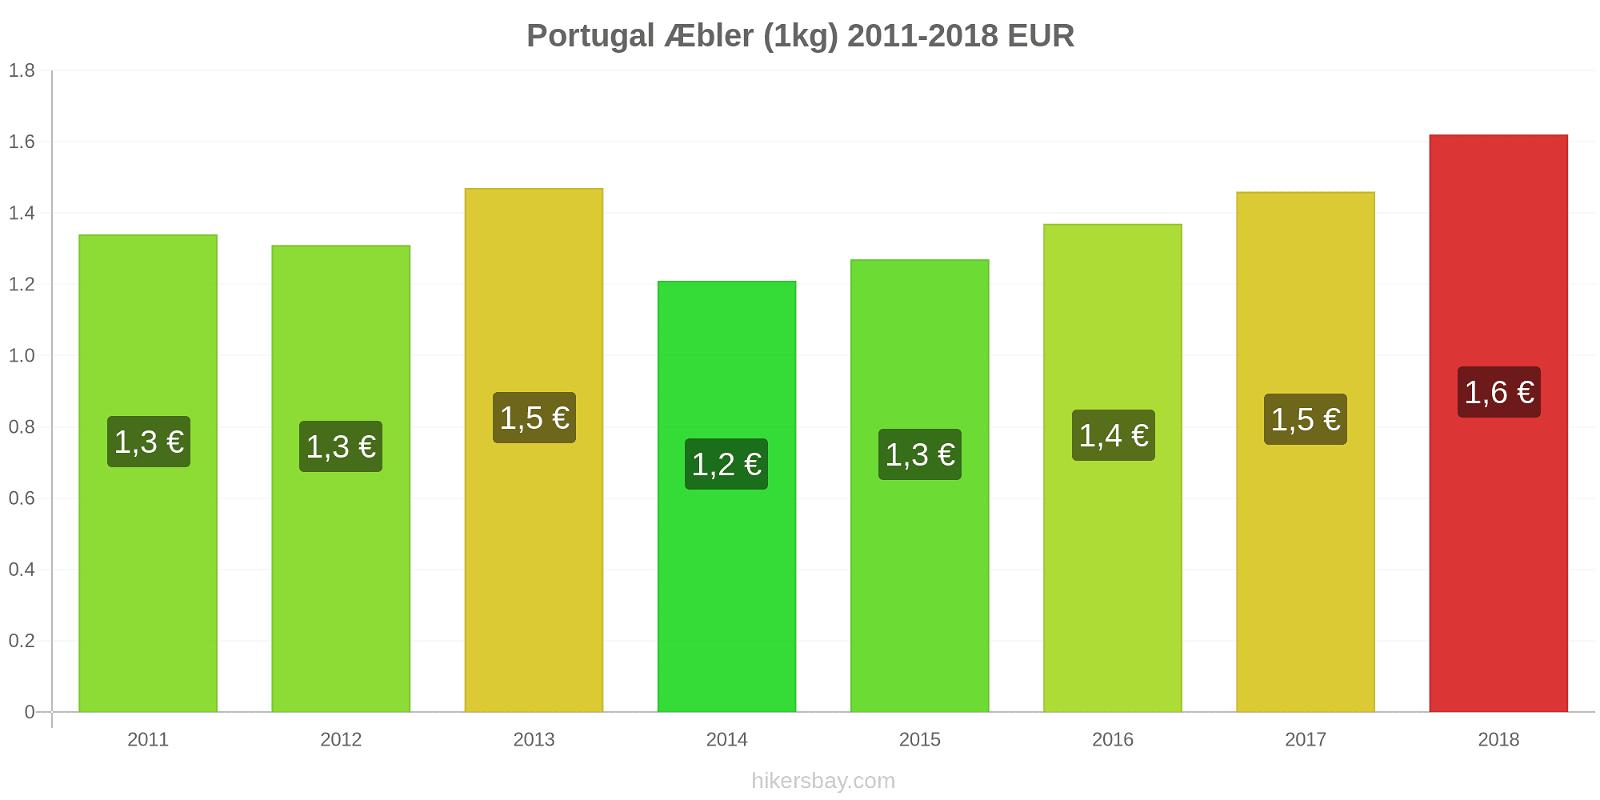 Portugal prisændringer Æbler (1kg) hikersbay.com